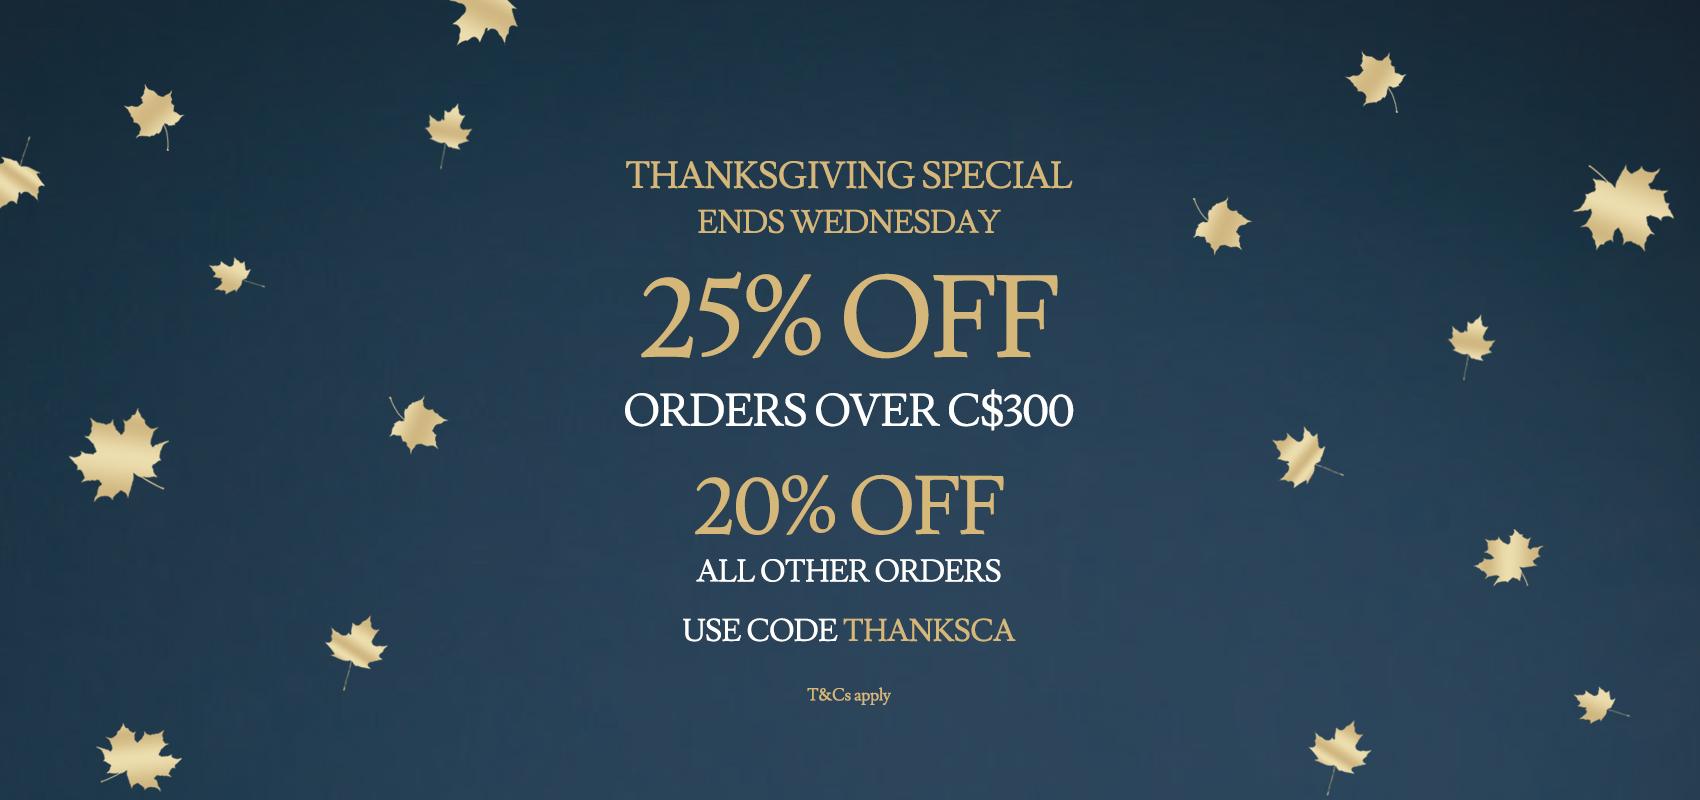 Charles Tyrwhitt Thanksgiving Special